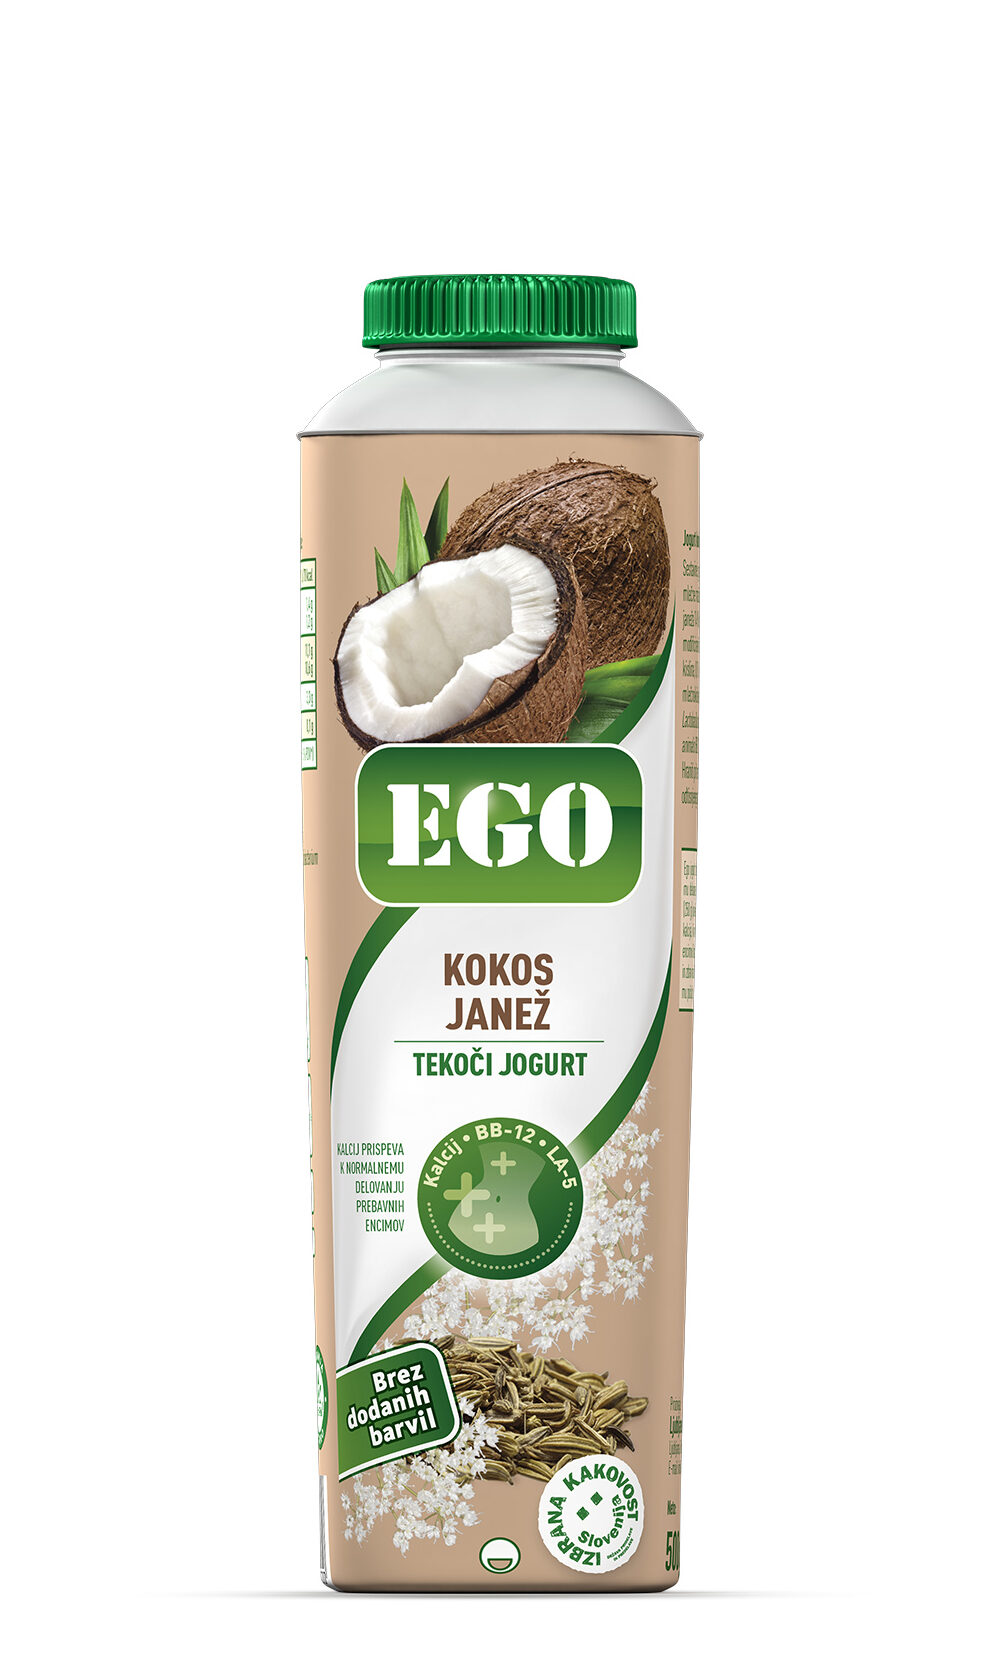 Ego, kokos, janež